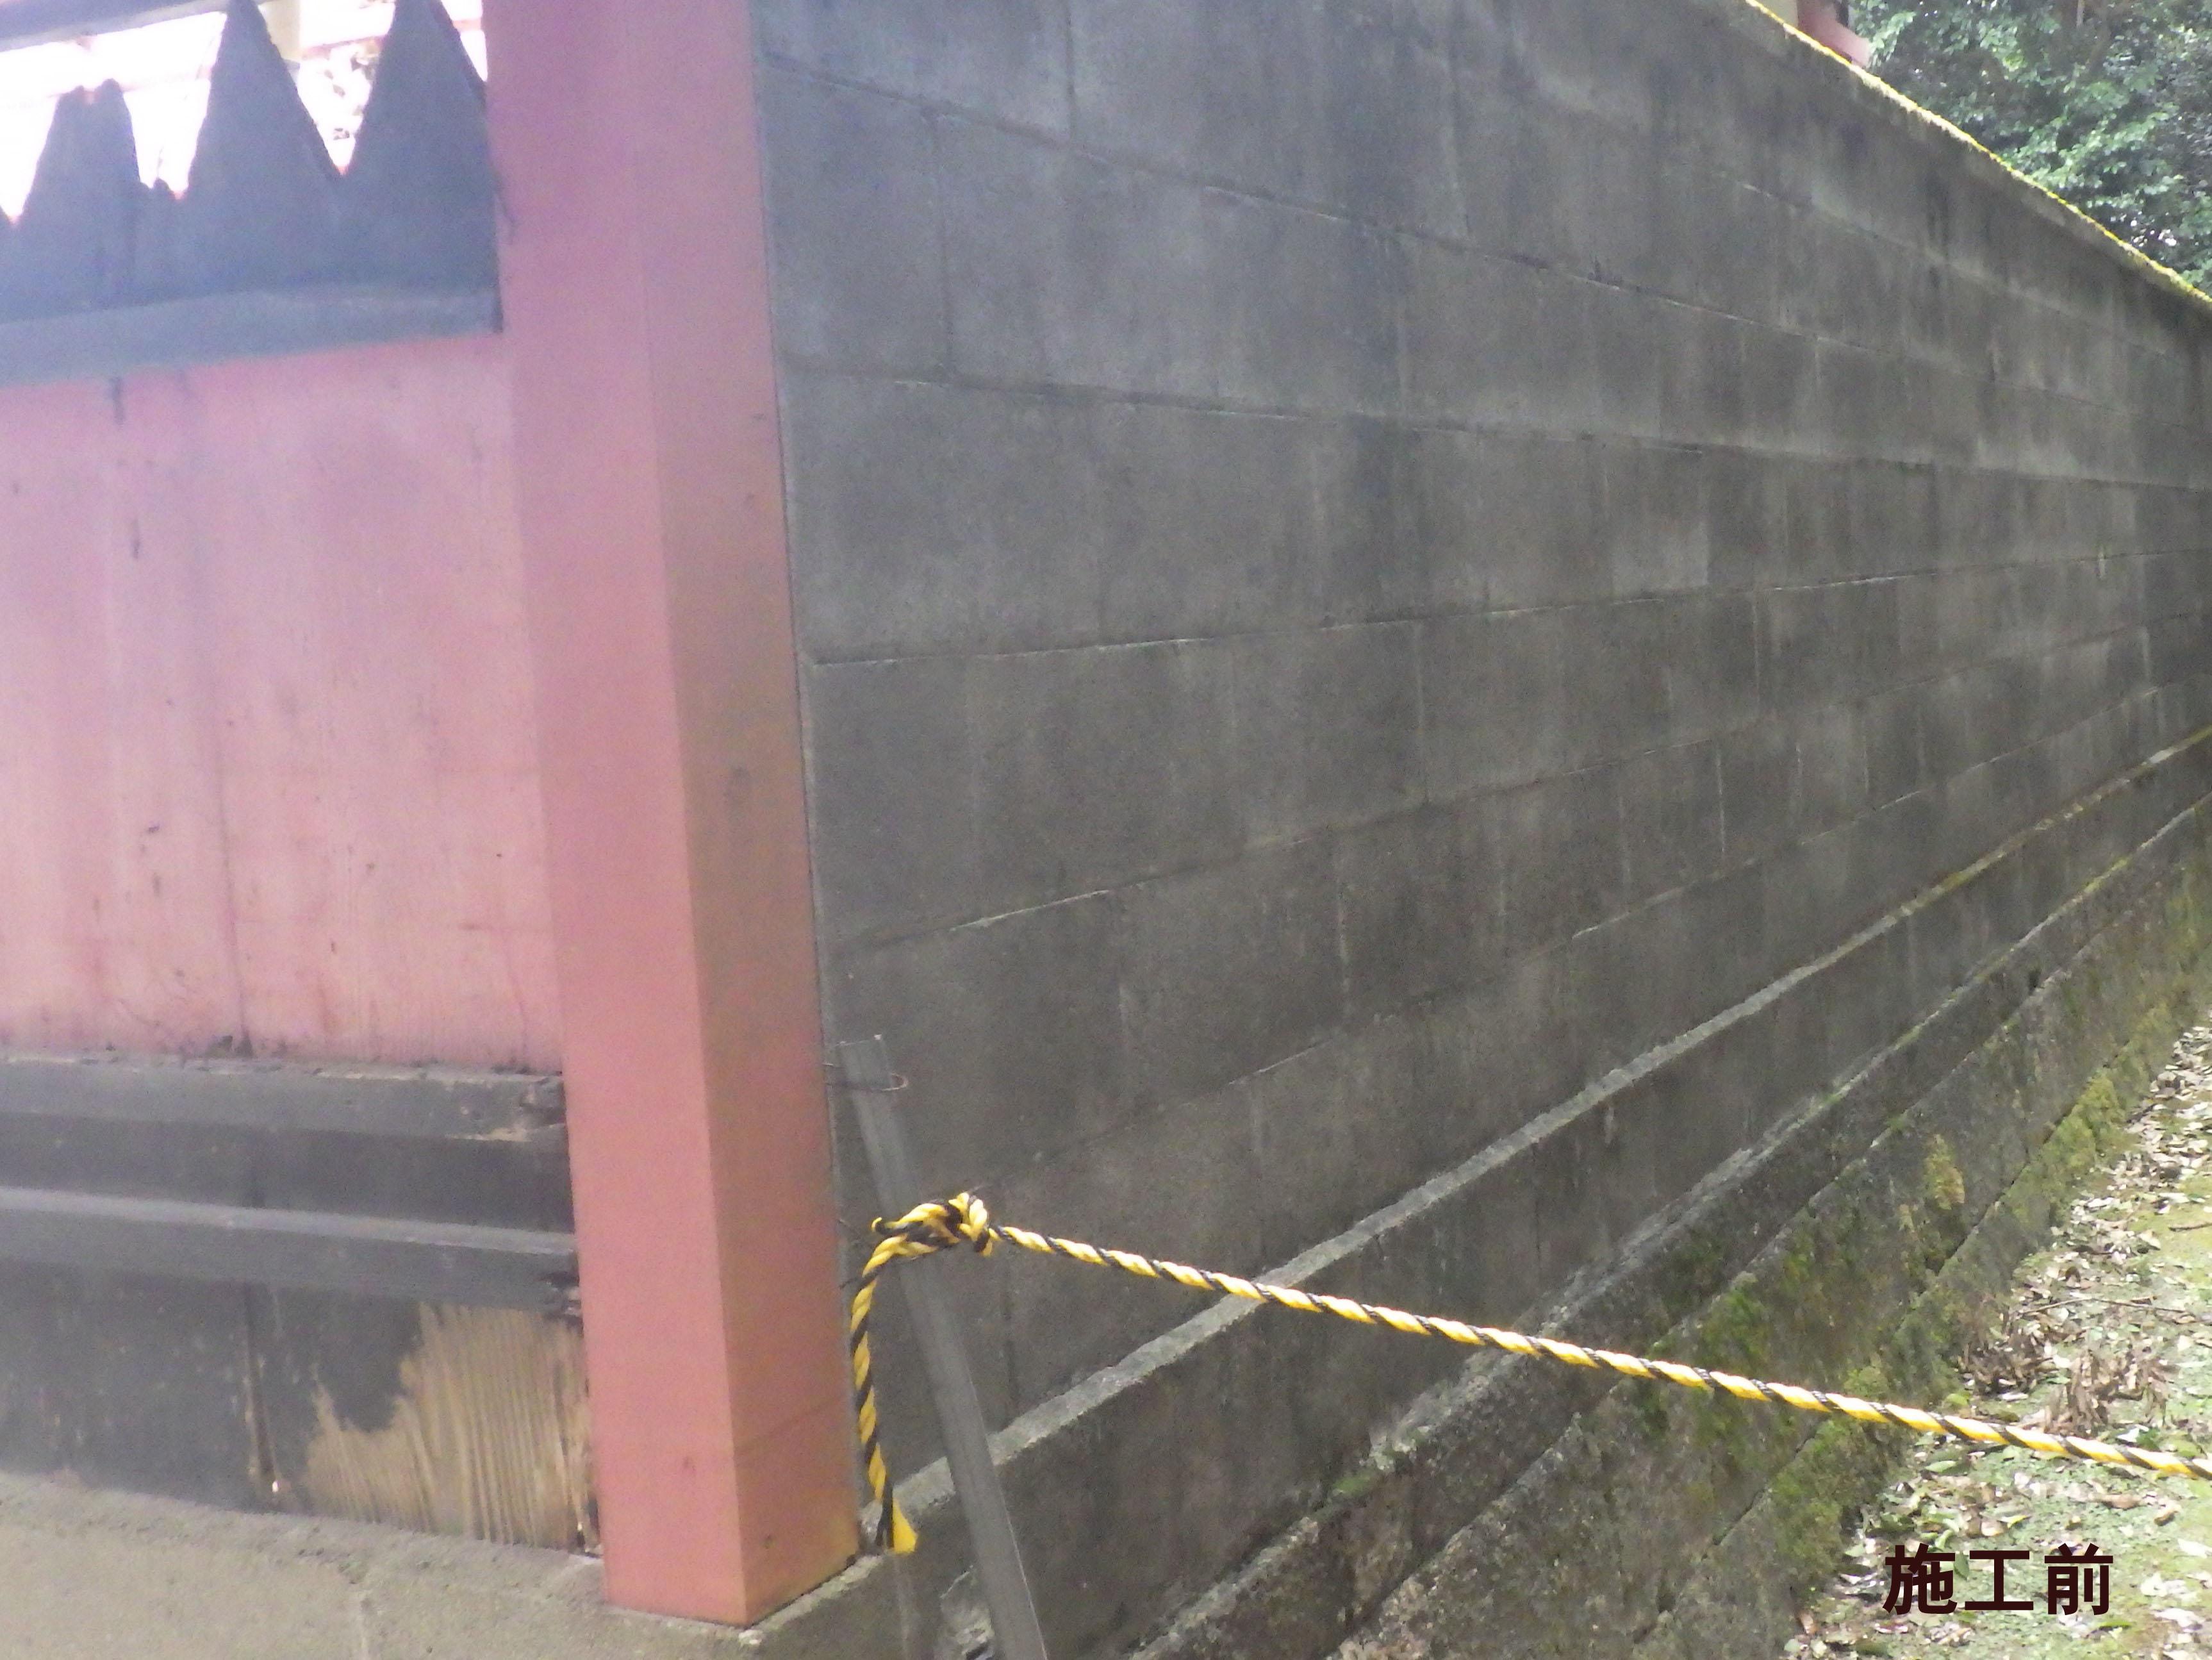 雙栗神社様 本殿玉垣整備事業